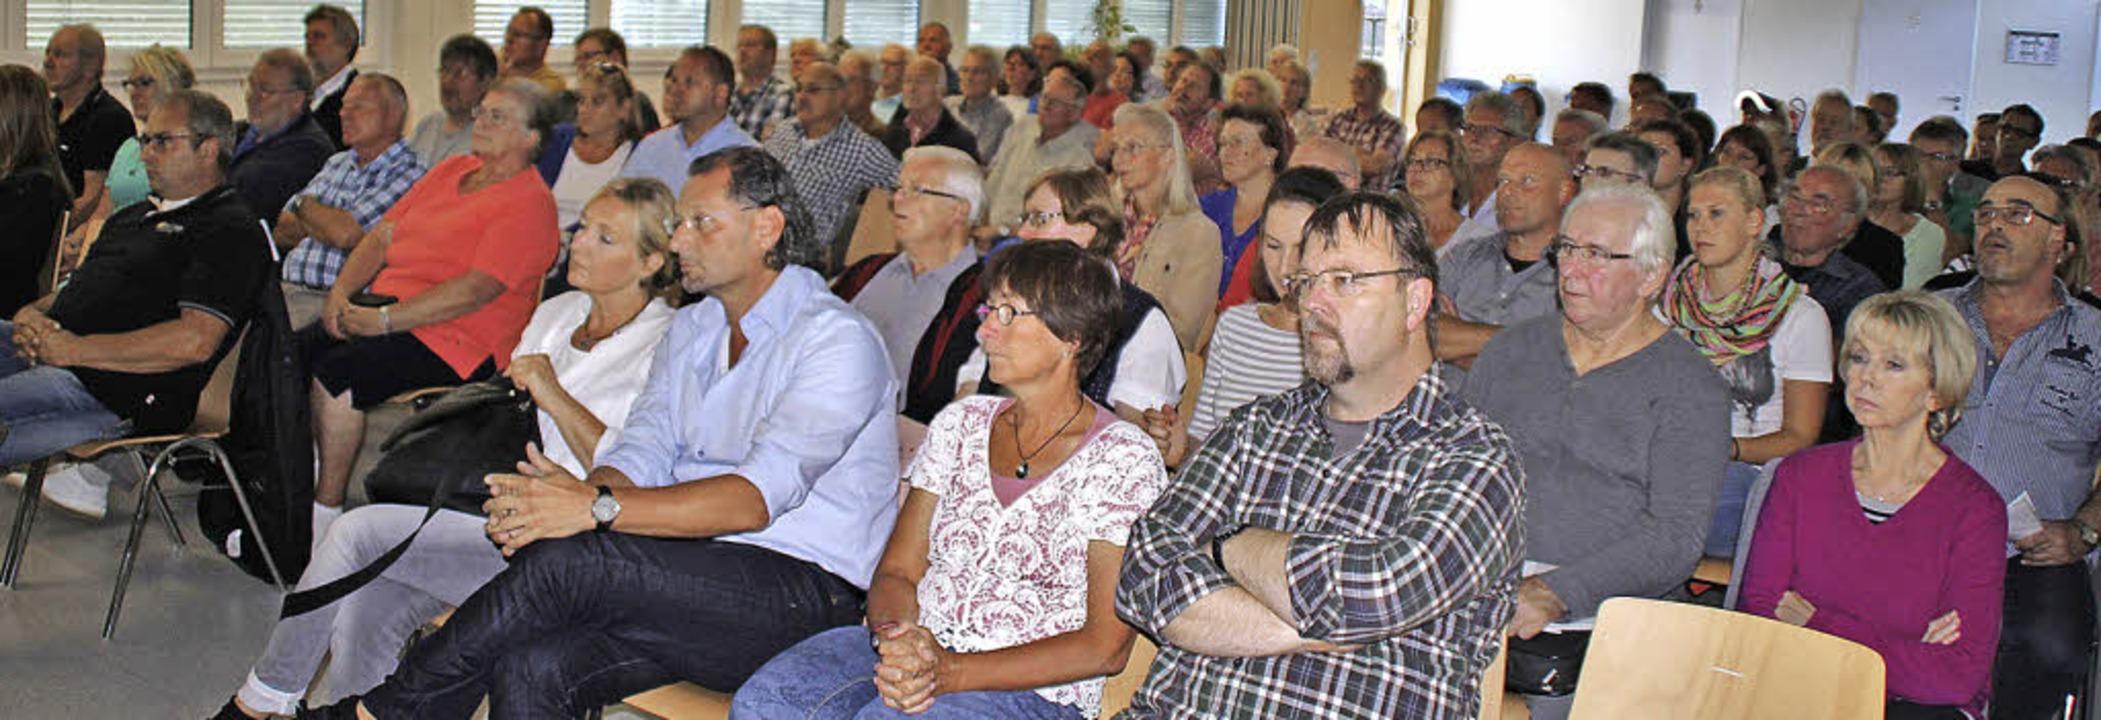 Etwa 80 Einwohner waren zum Informationsabend in die Lindenschule gekommen.  | Foto: Rolf Reißmann